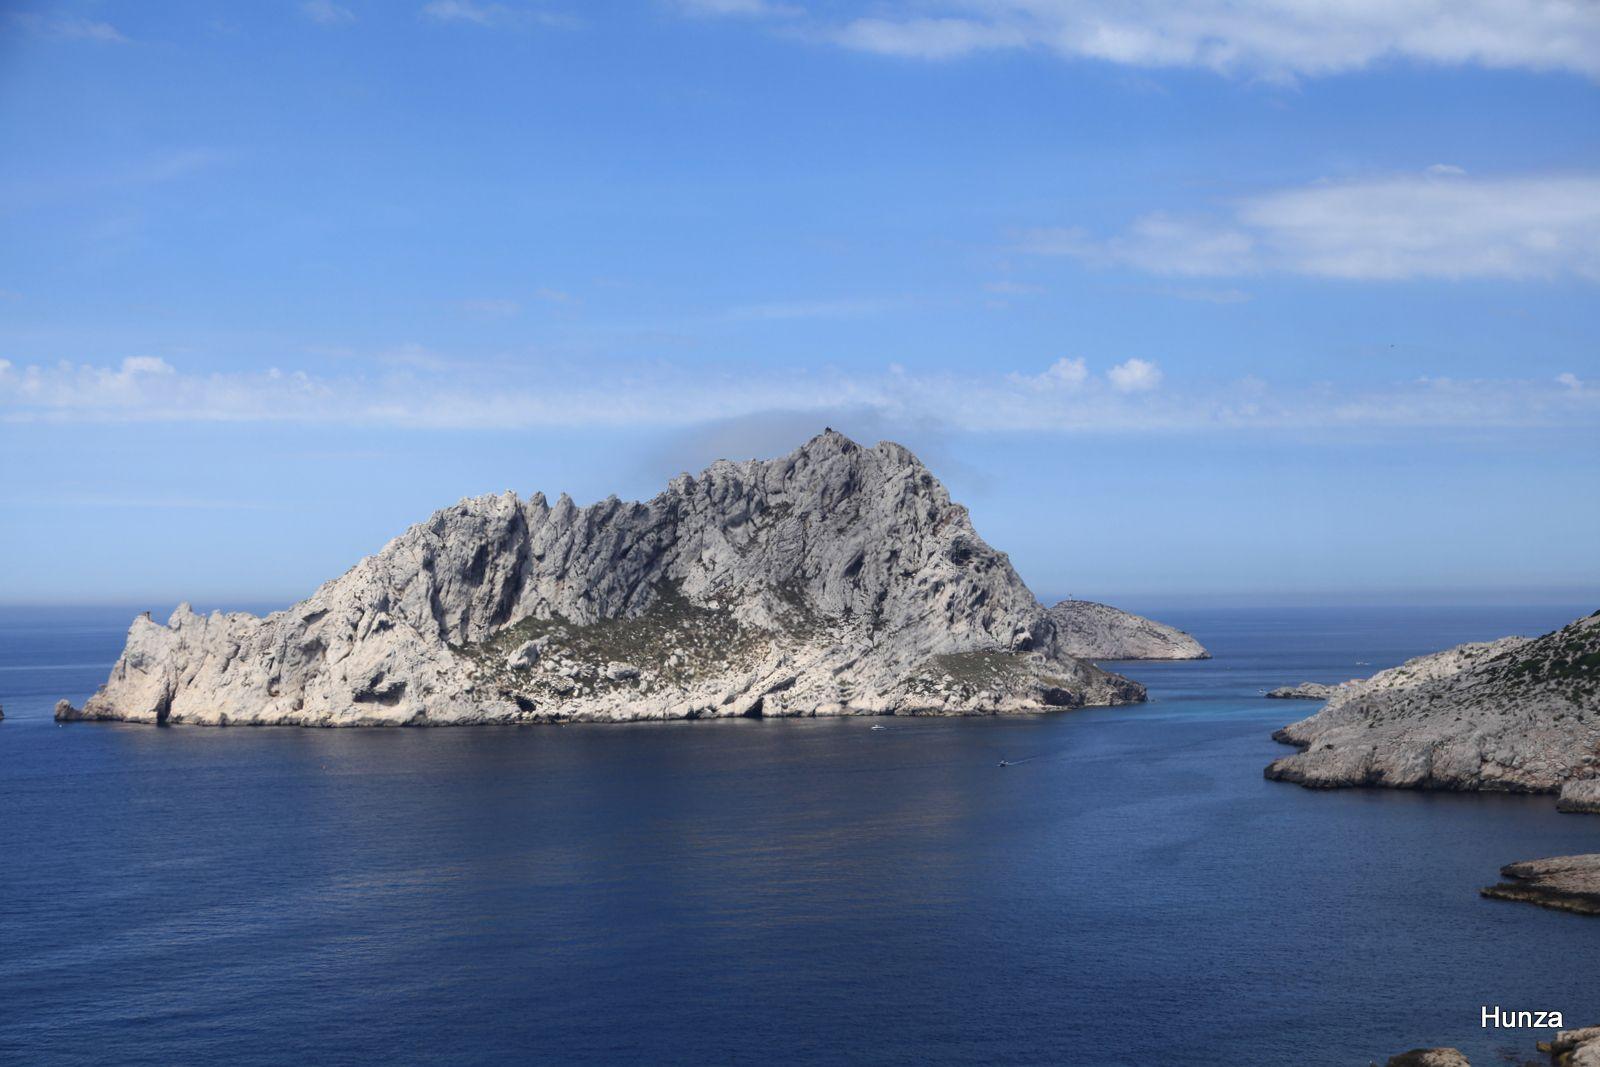 L'île Maire dominé par le Pic des Gabians (138 m)